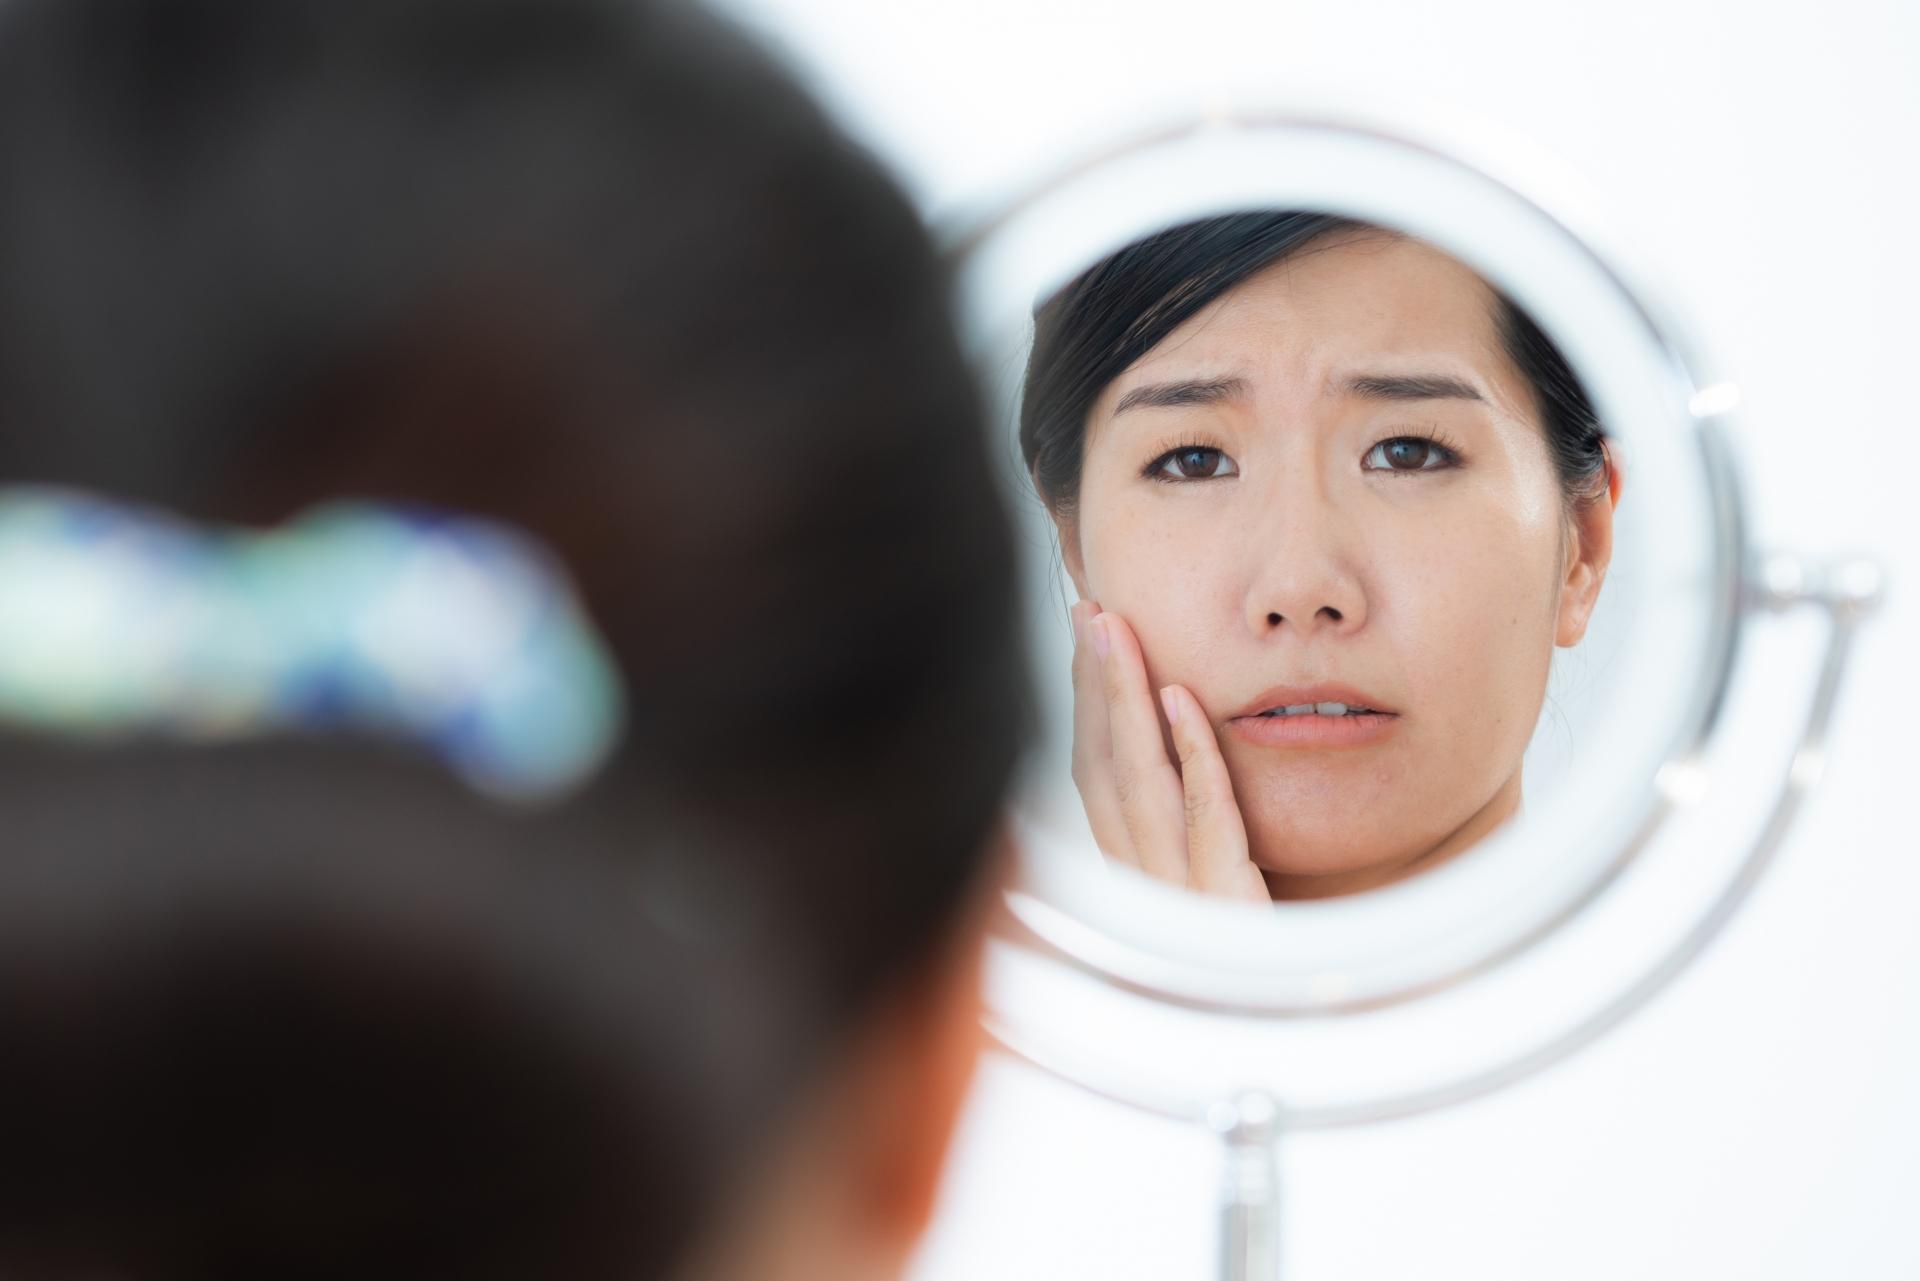 鏡を見るのが憂鬱〜!